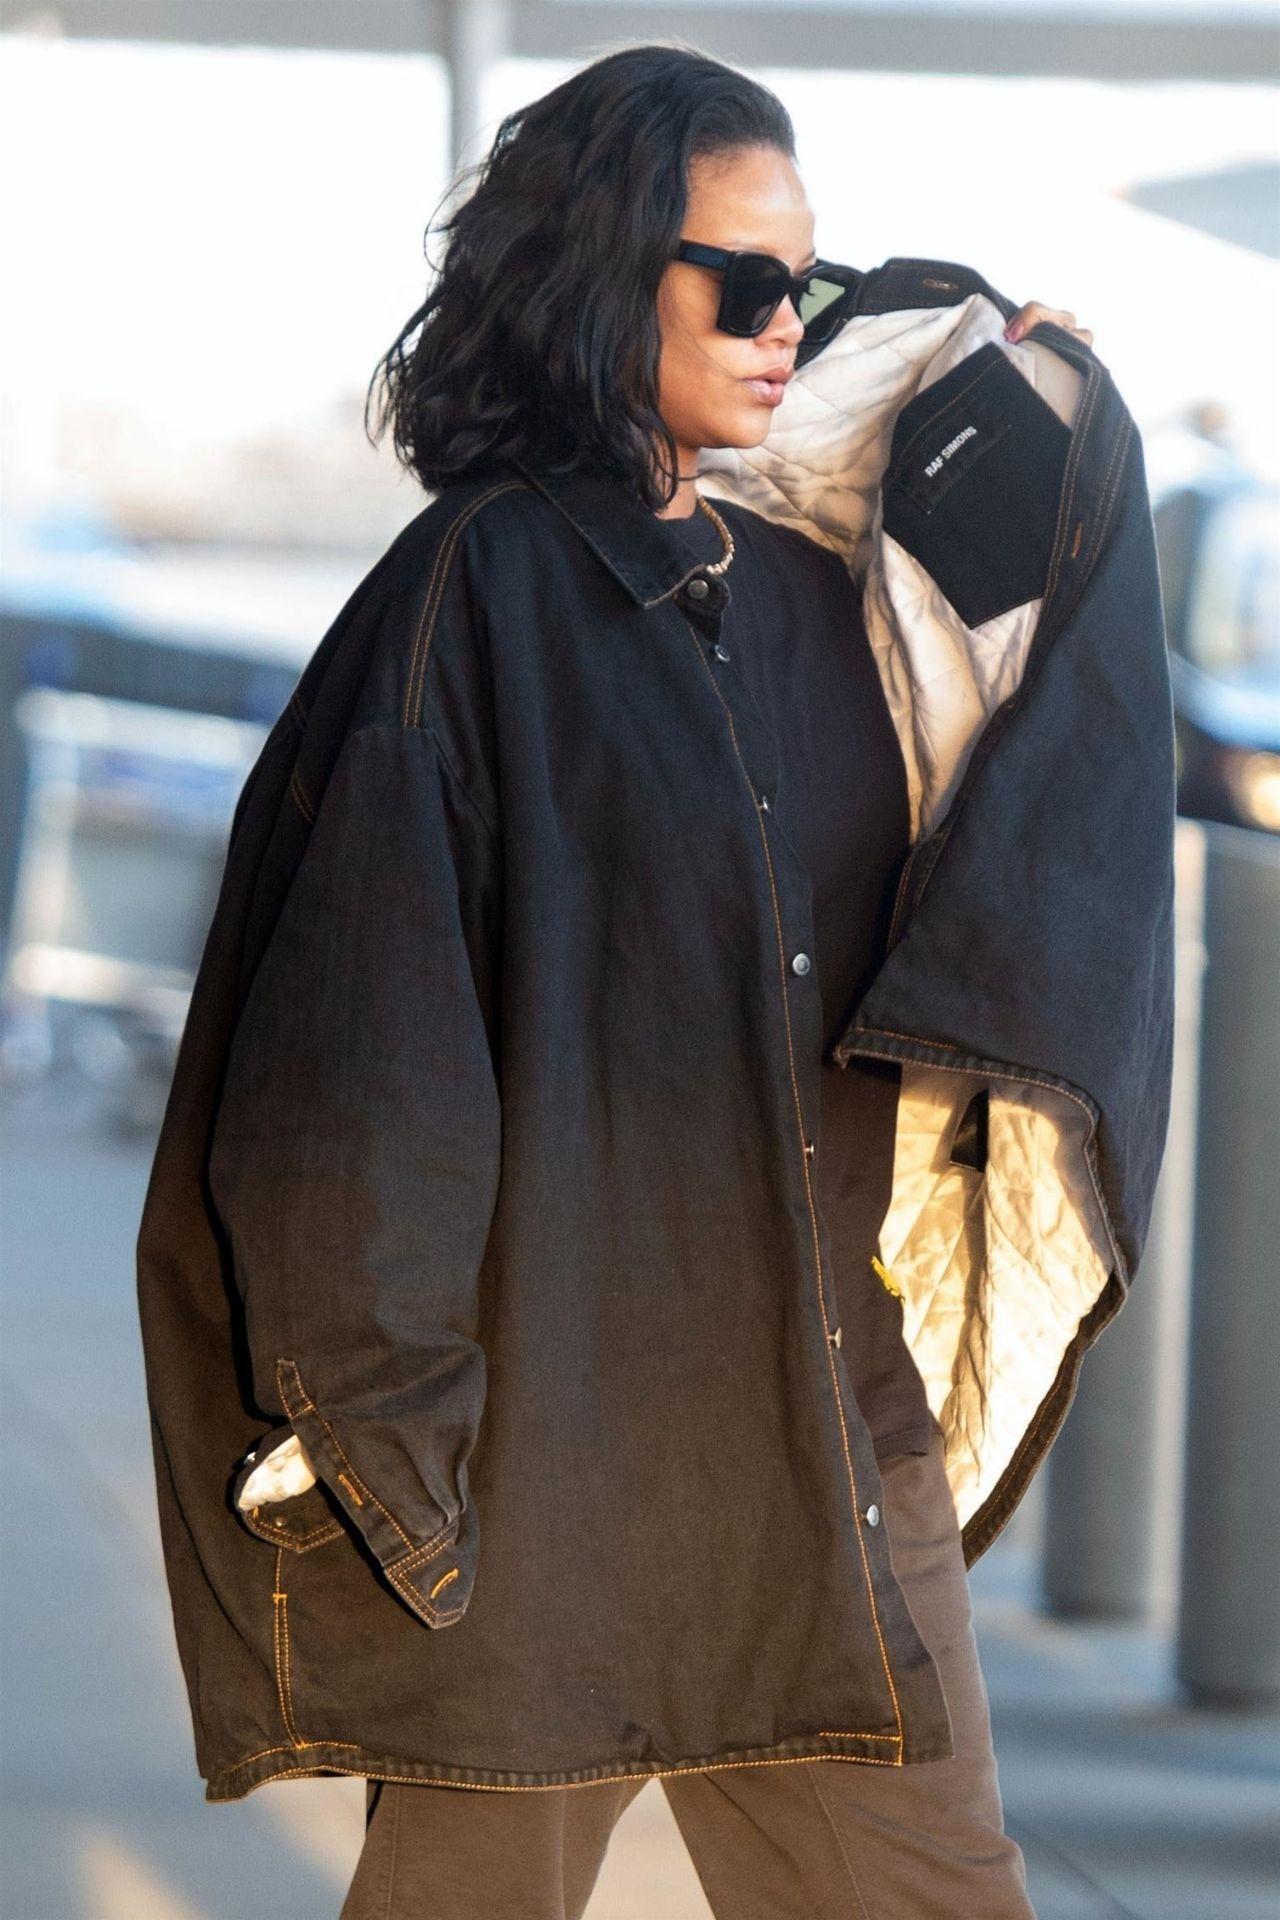 Rihanna Travel Style 01282019